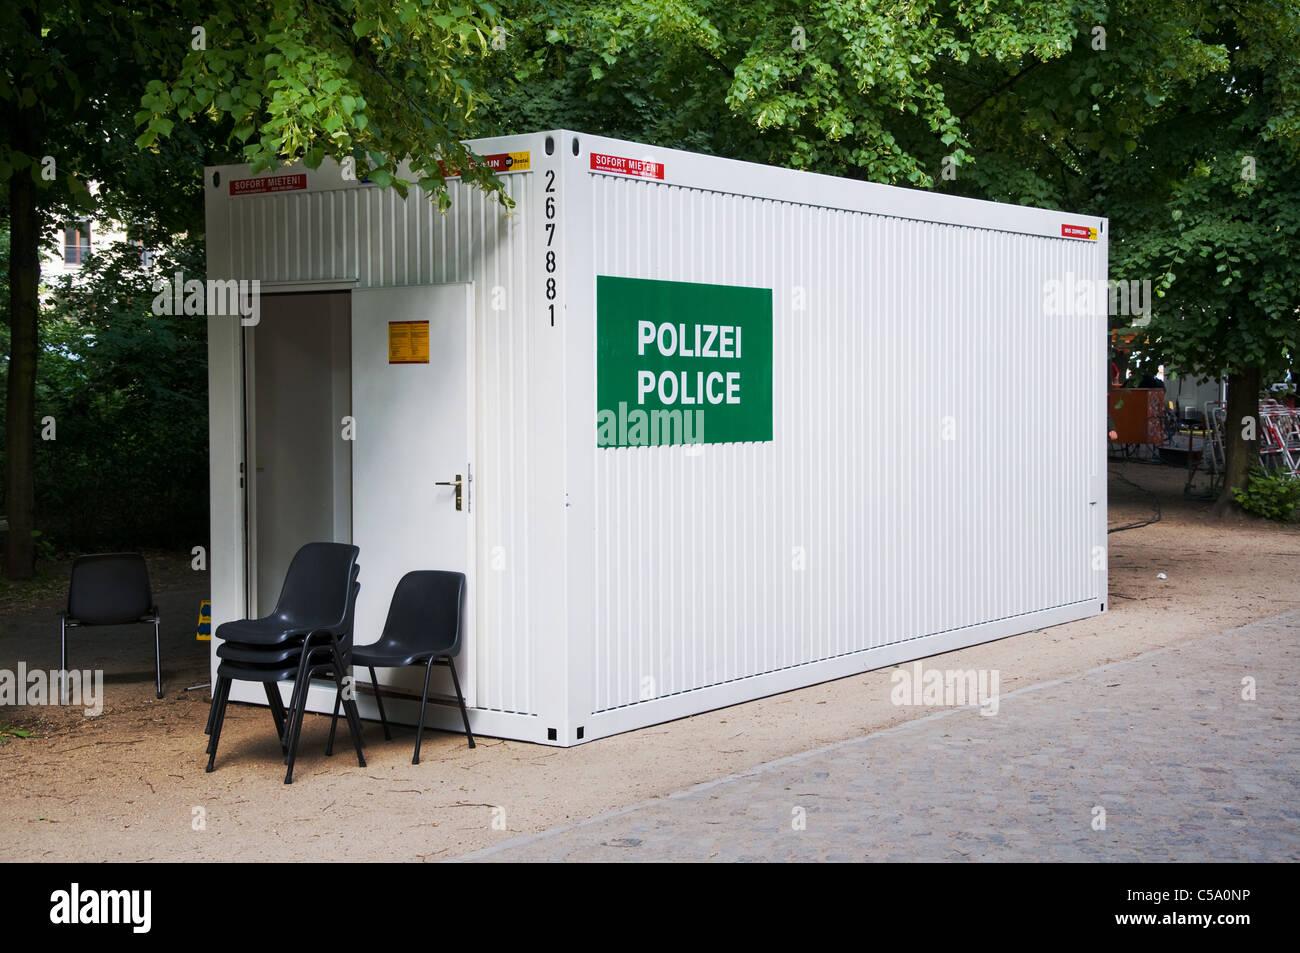 Temporare Polizei Burocontainer Box Bei Einschneidenden Ereignis Und